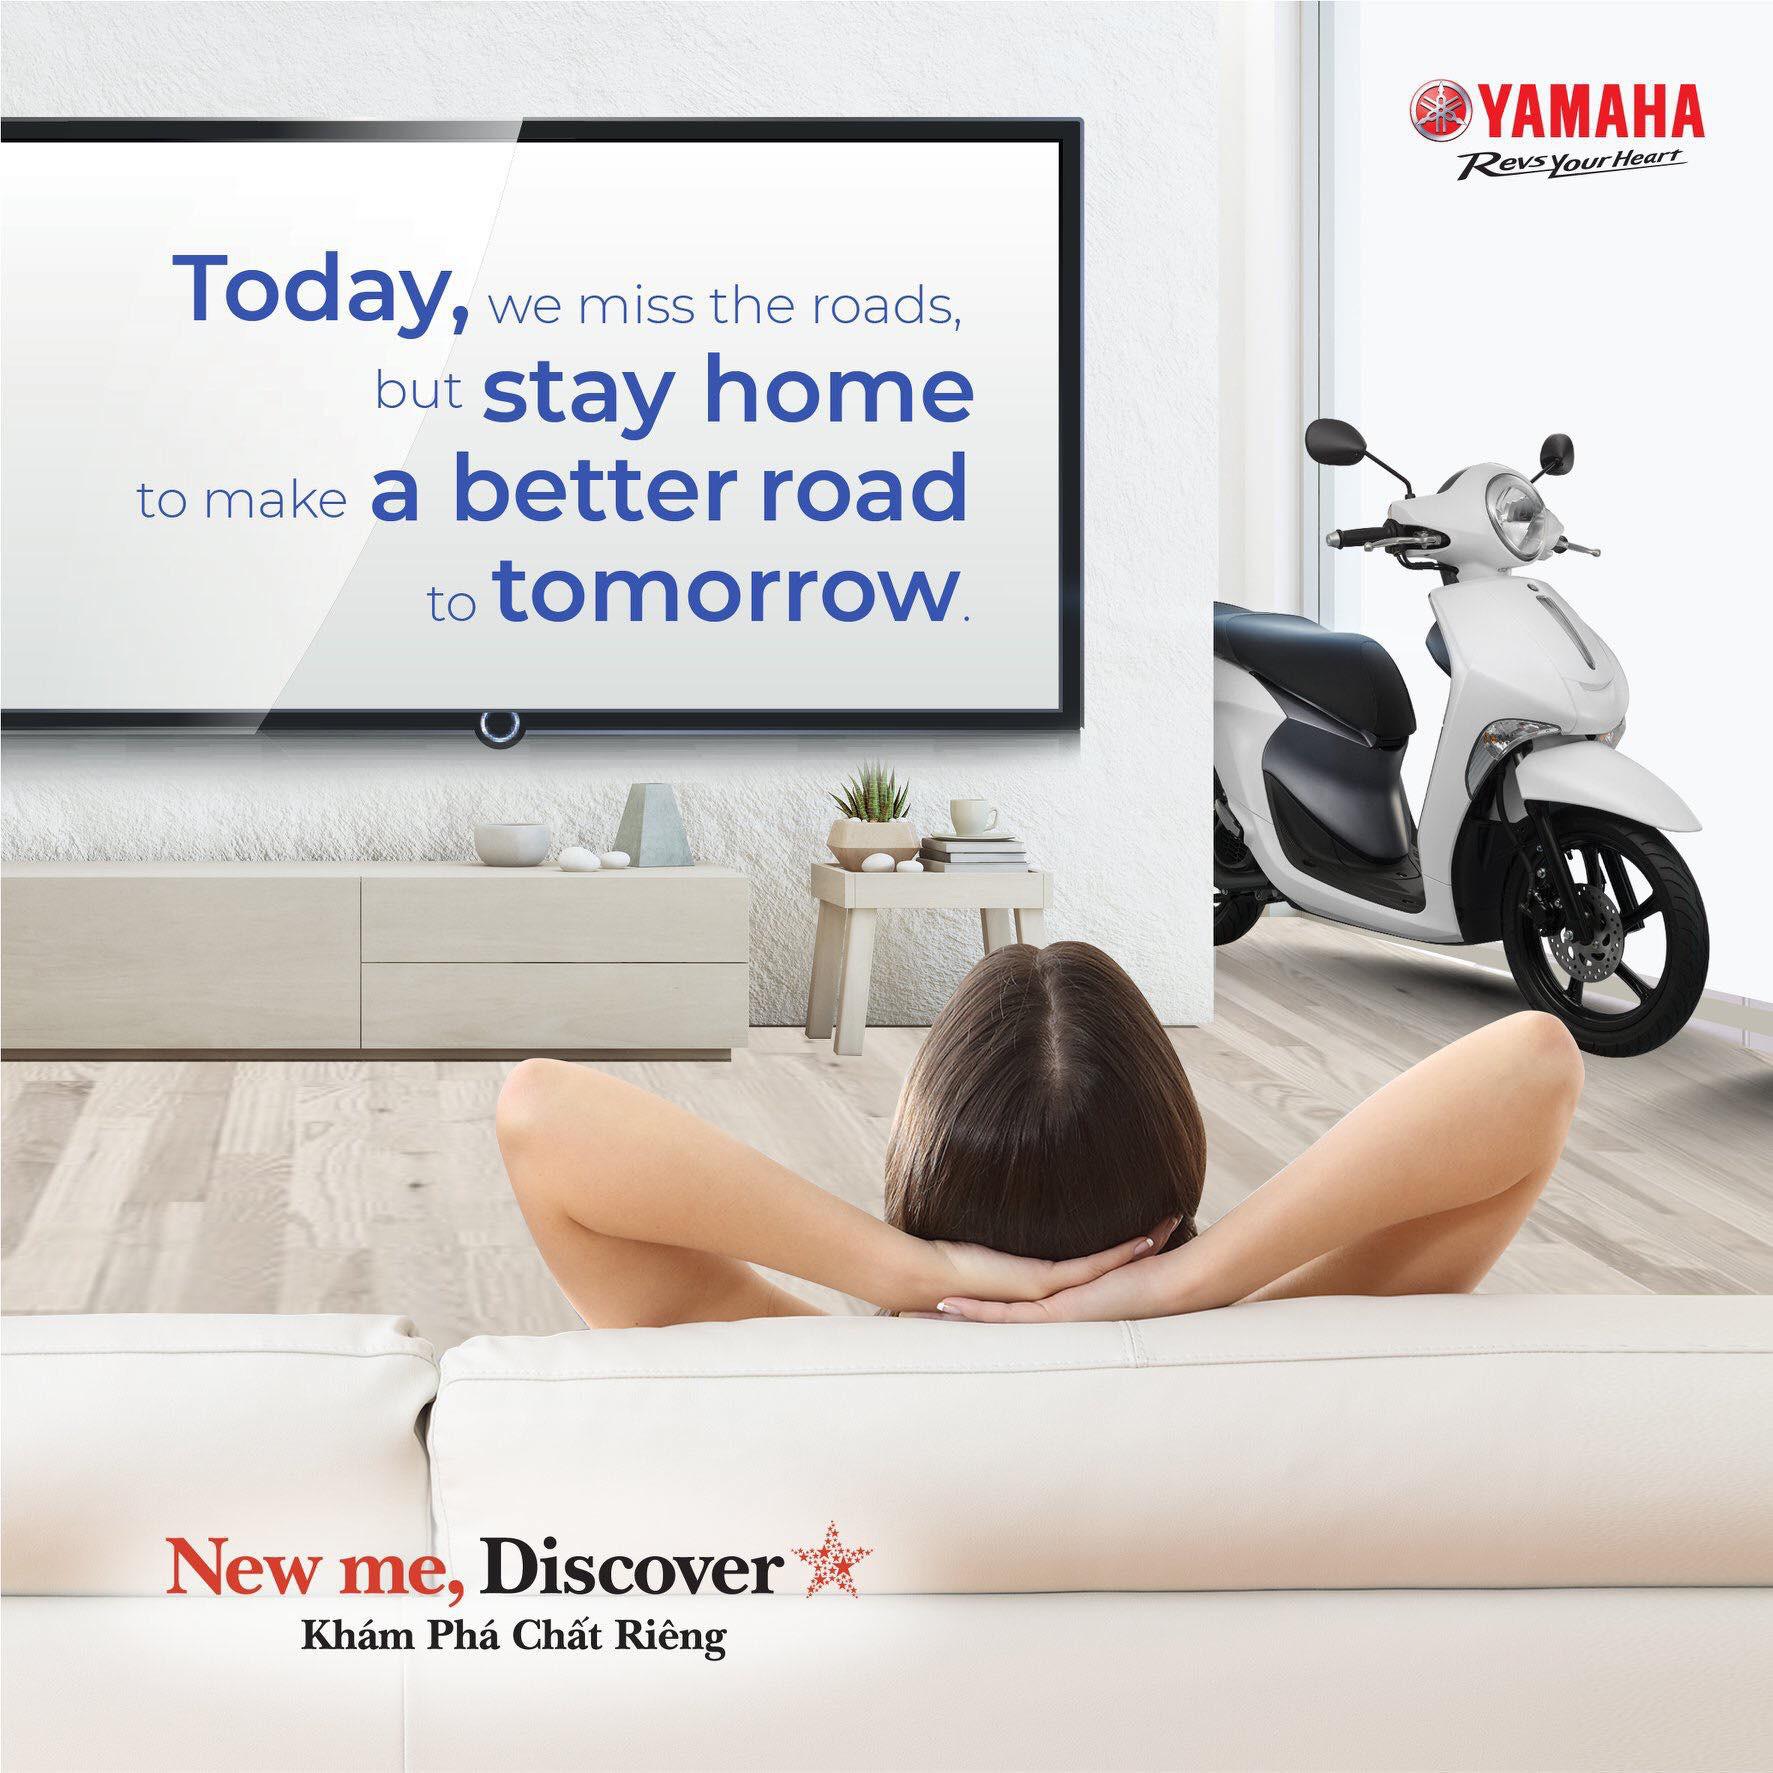 Yamaha Motor Việt Nam dừng sản xuất 2 tuần: Lan tỏa thông điệp an toàn giữa mùa Covid-19 - Ảnh 1.